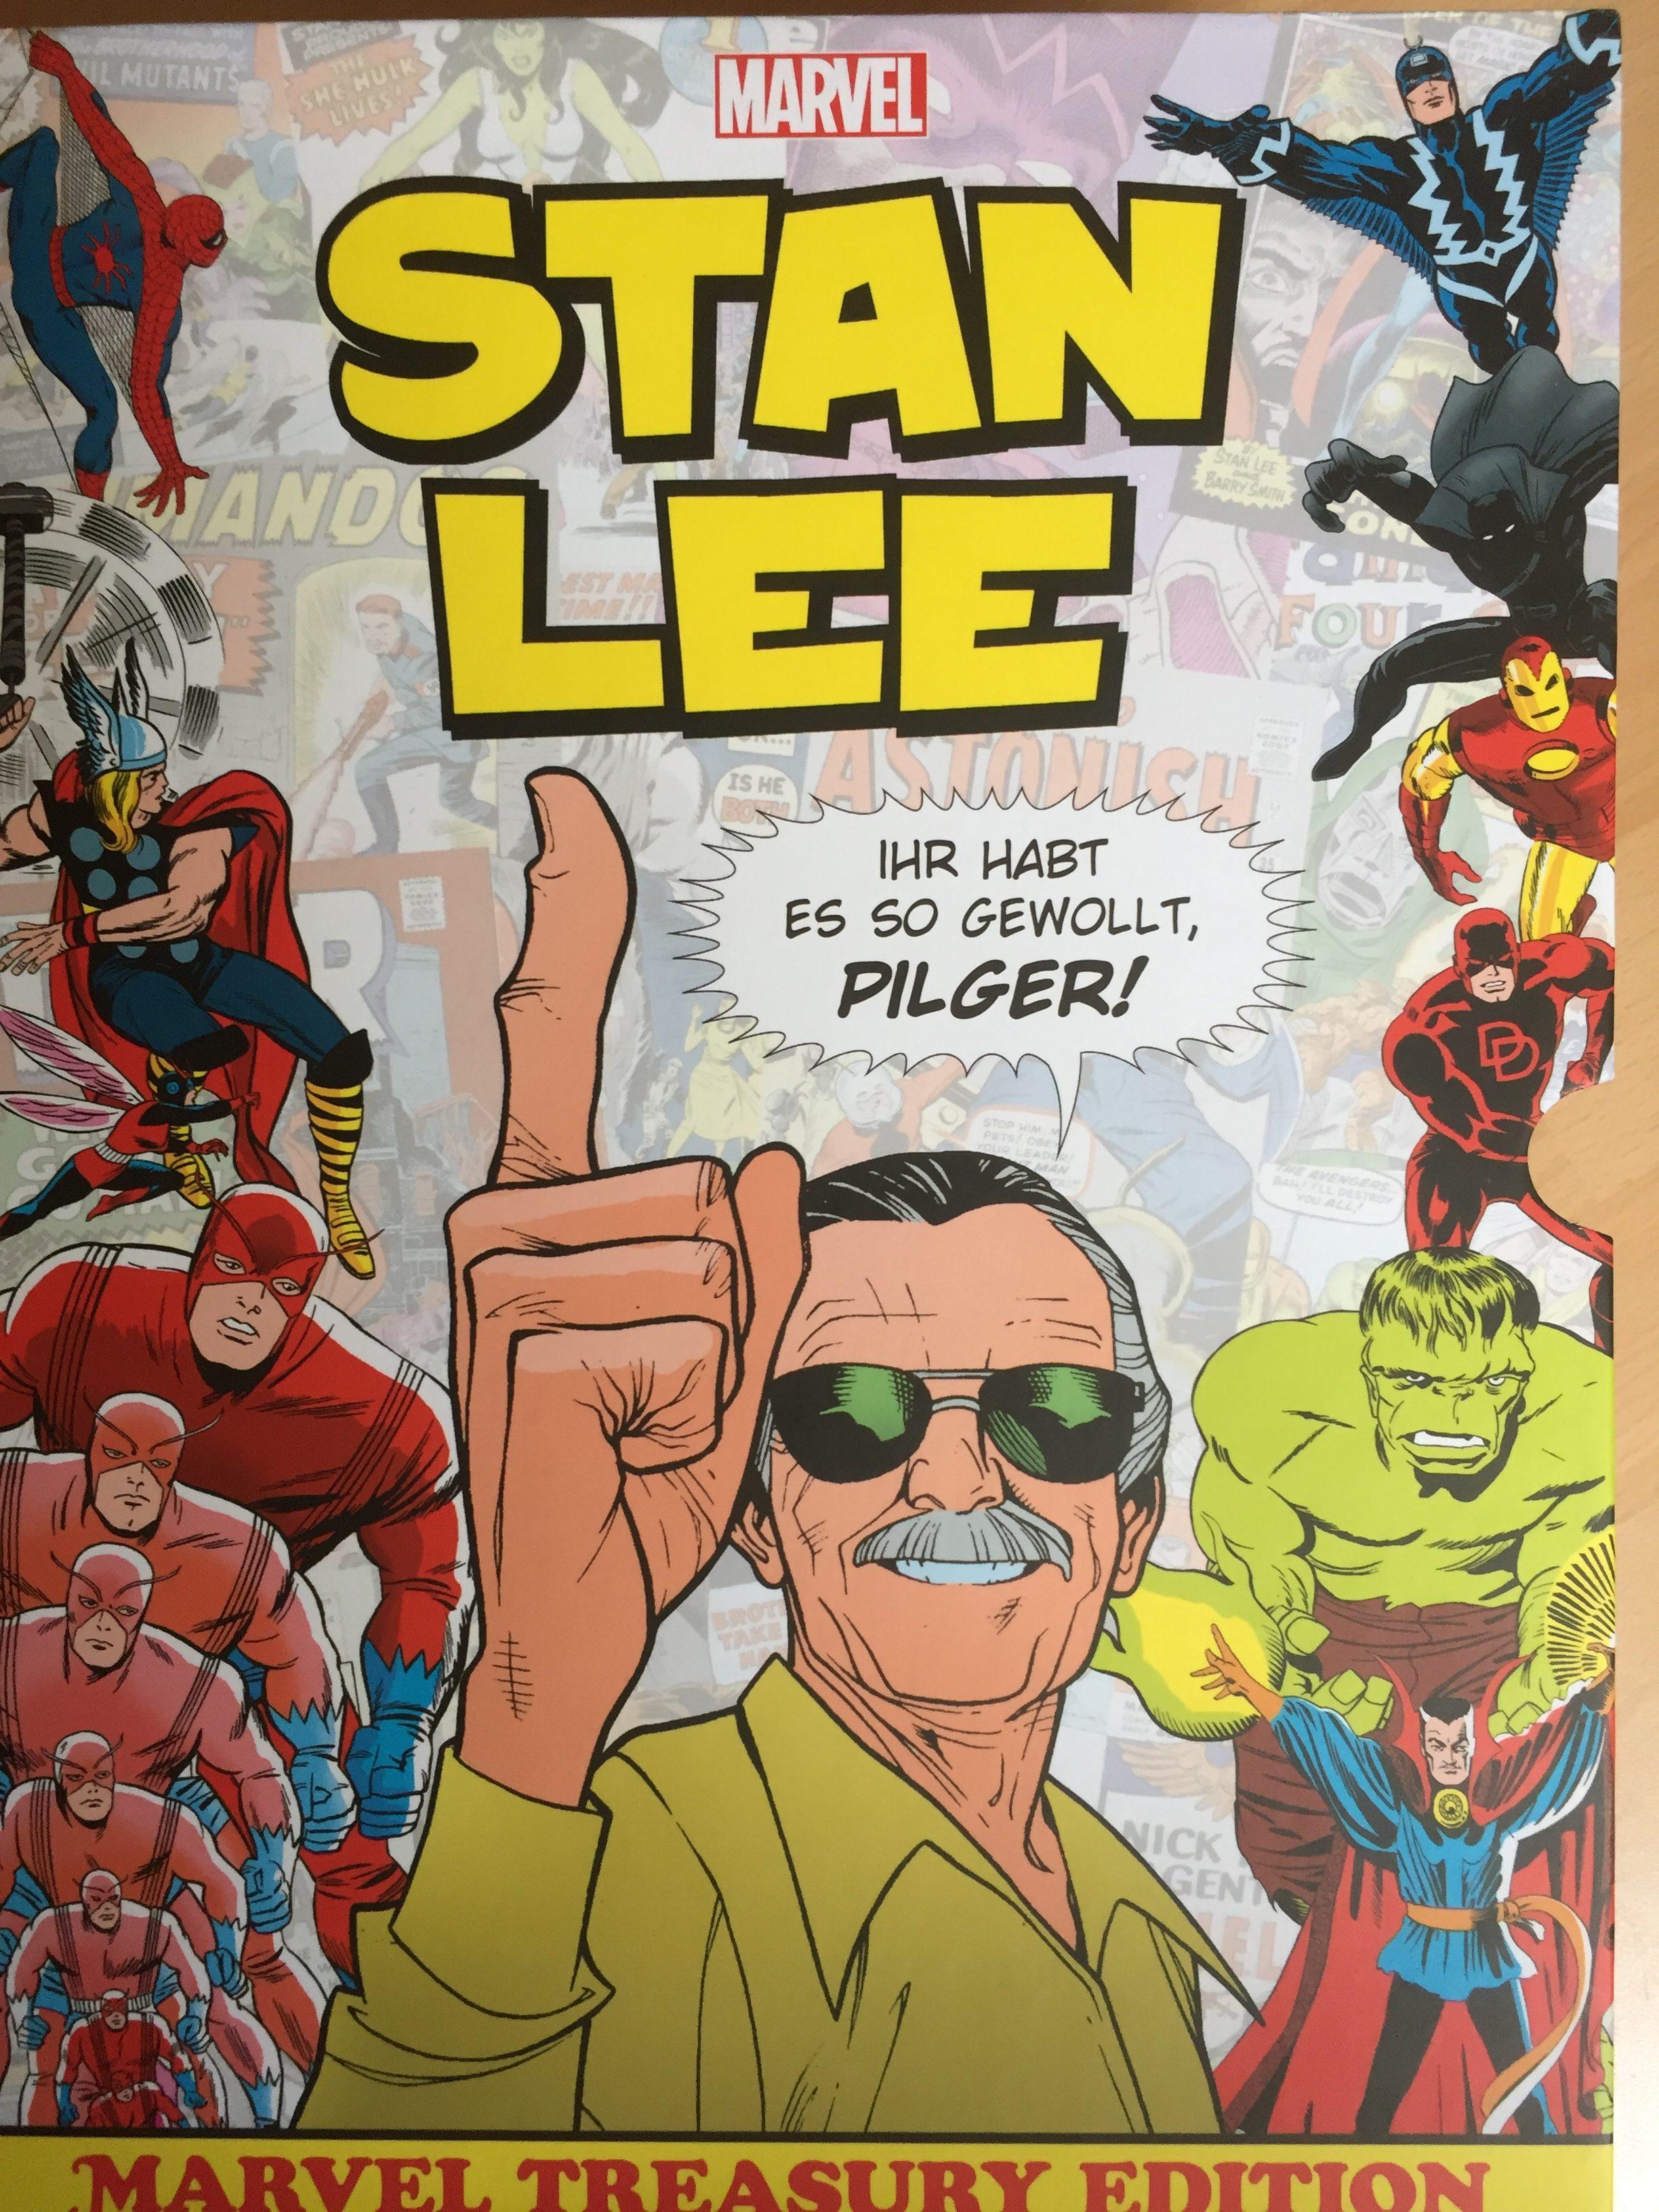 Stan Lee: Marvel Treasury Edition. Luxusband zu Ehren des Marvel-Vaters